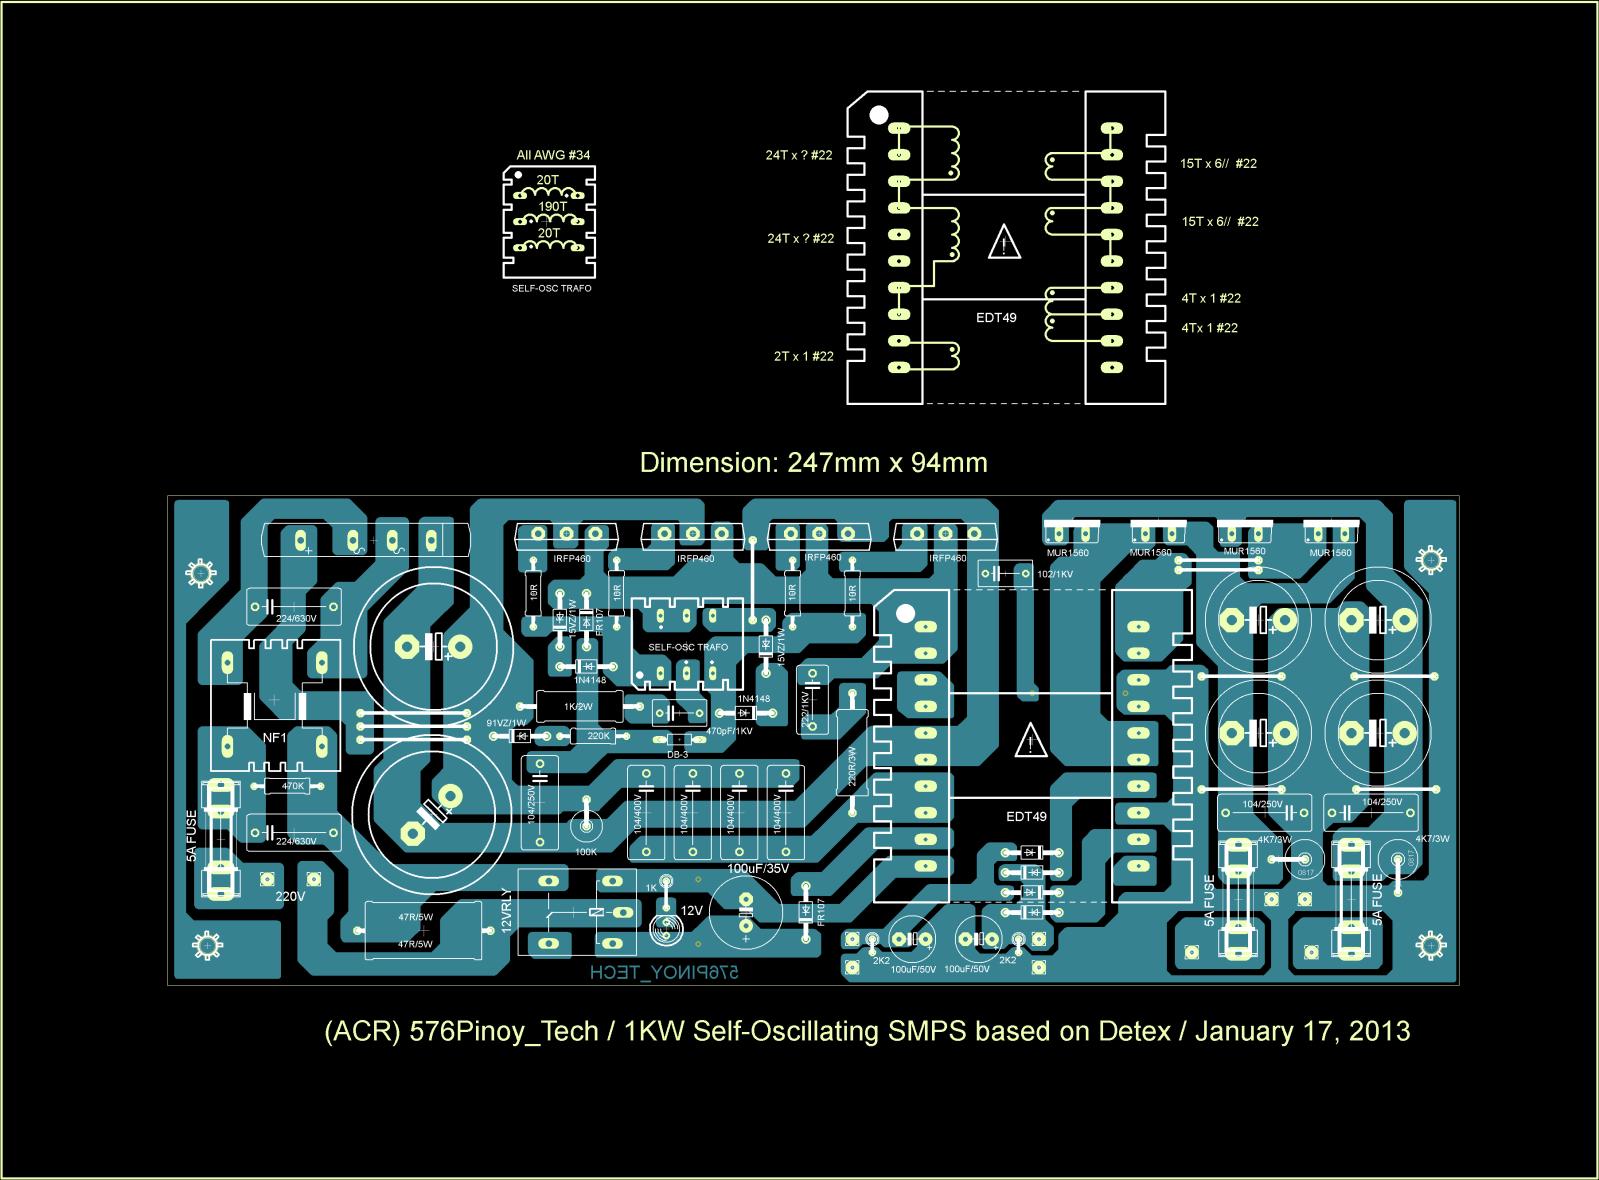 1000w Smps Besleme Devresi Sayfa 1 0 Detex Wiring Diagrams Devre Pinoy Tech Isimli Ahsn Deneyip Altrdgn Iddia Ettii Bir Henz Denemedim